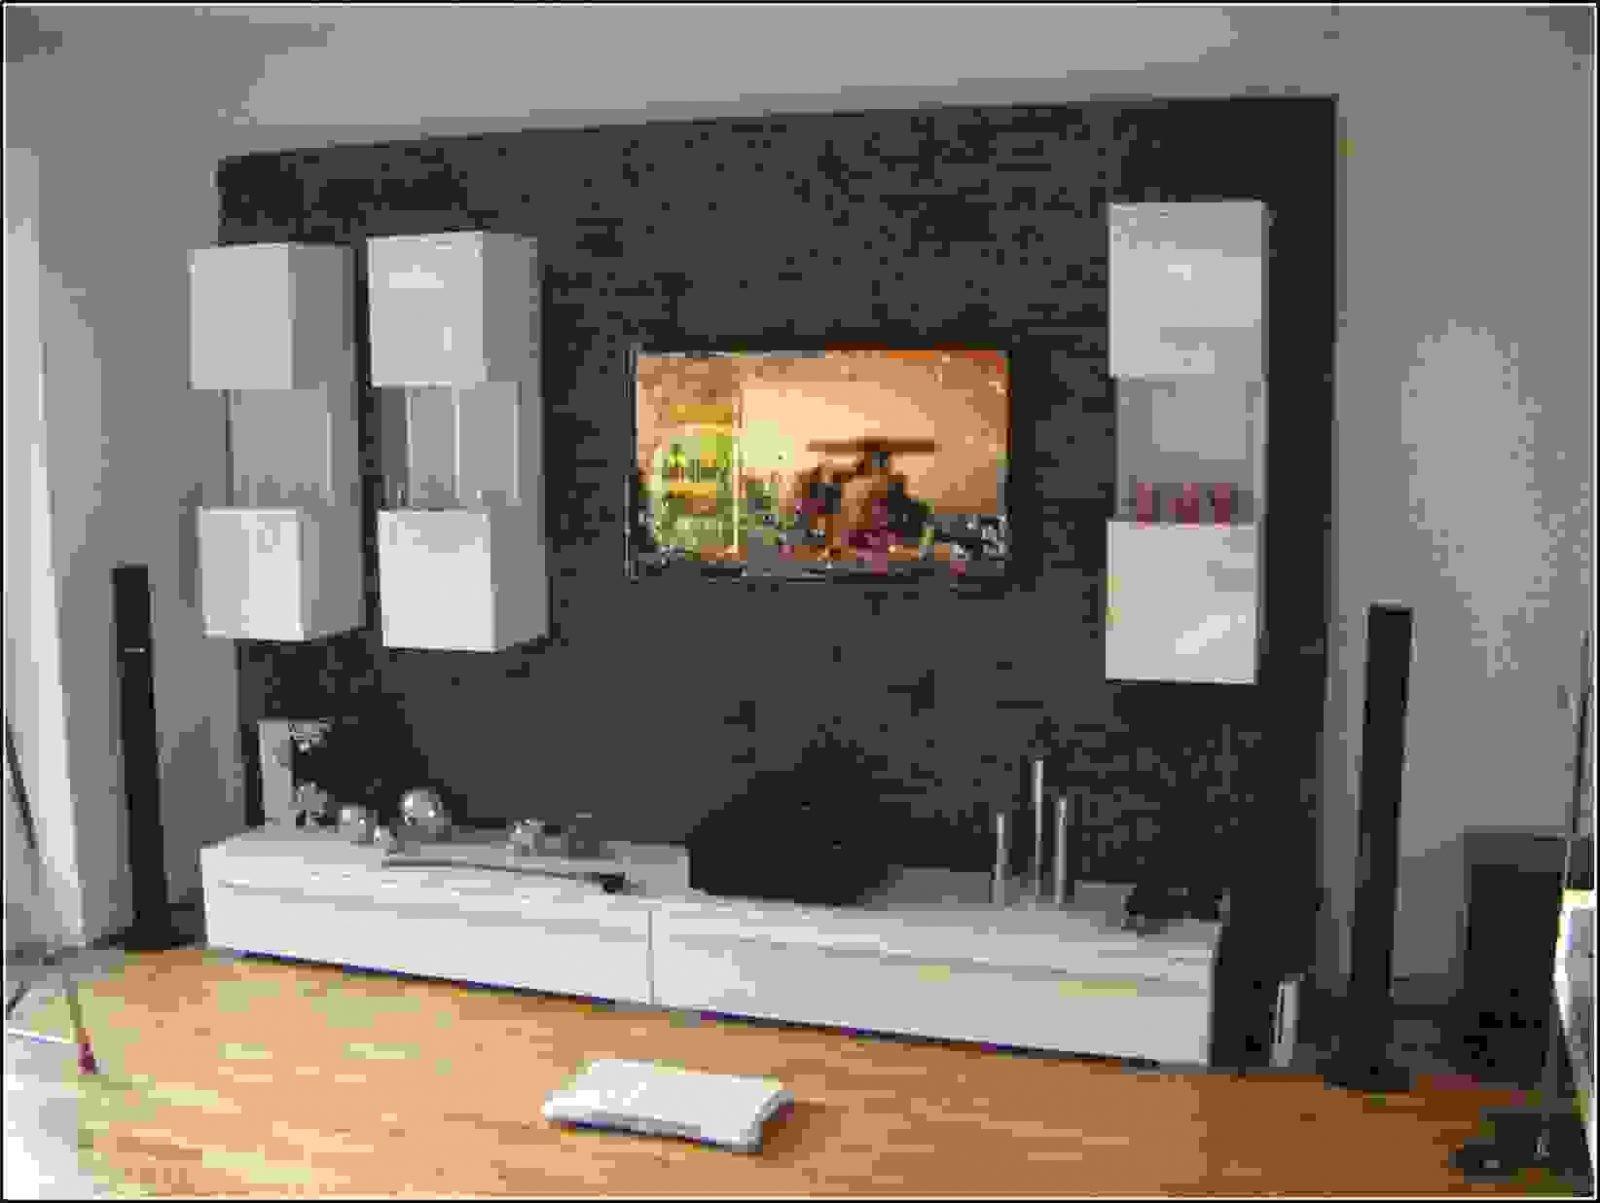 Tolle 40 Wohnwand Selber Bauen Ideen Design  Einzigartiger Garten von Tv Wand Selber Bauen Ideen Bild